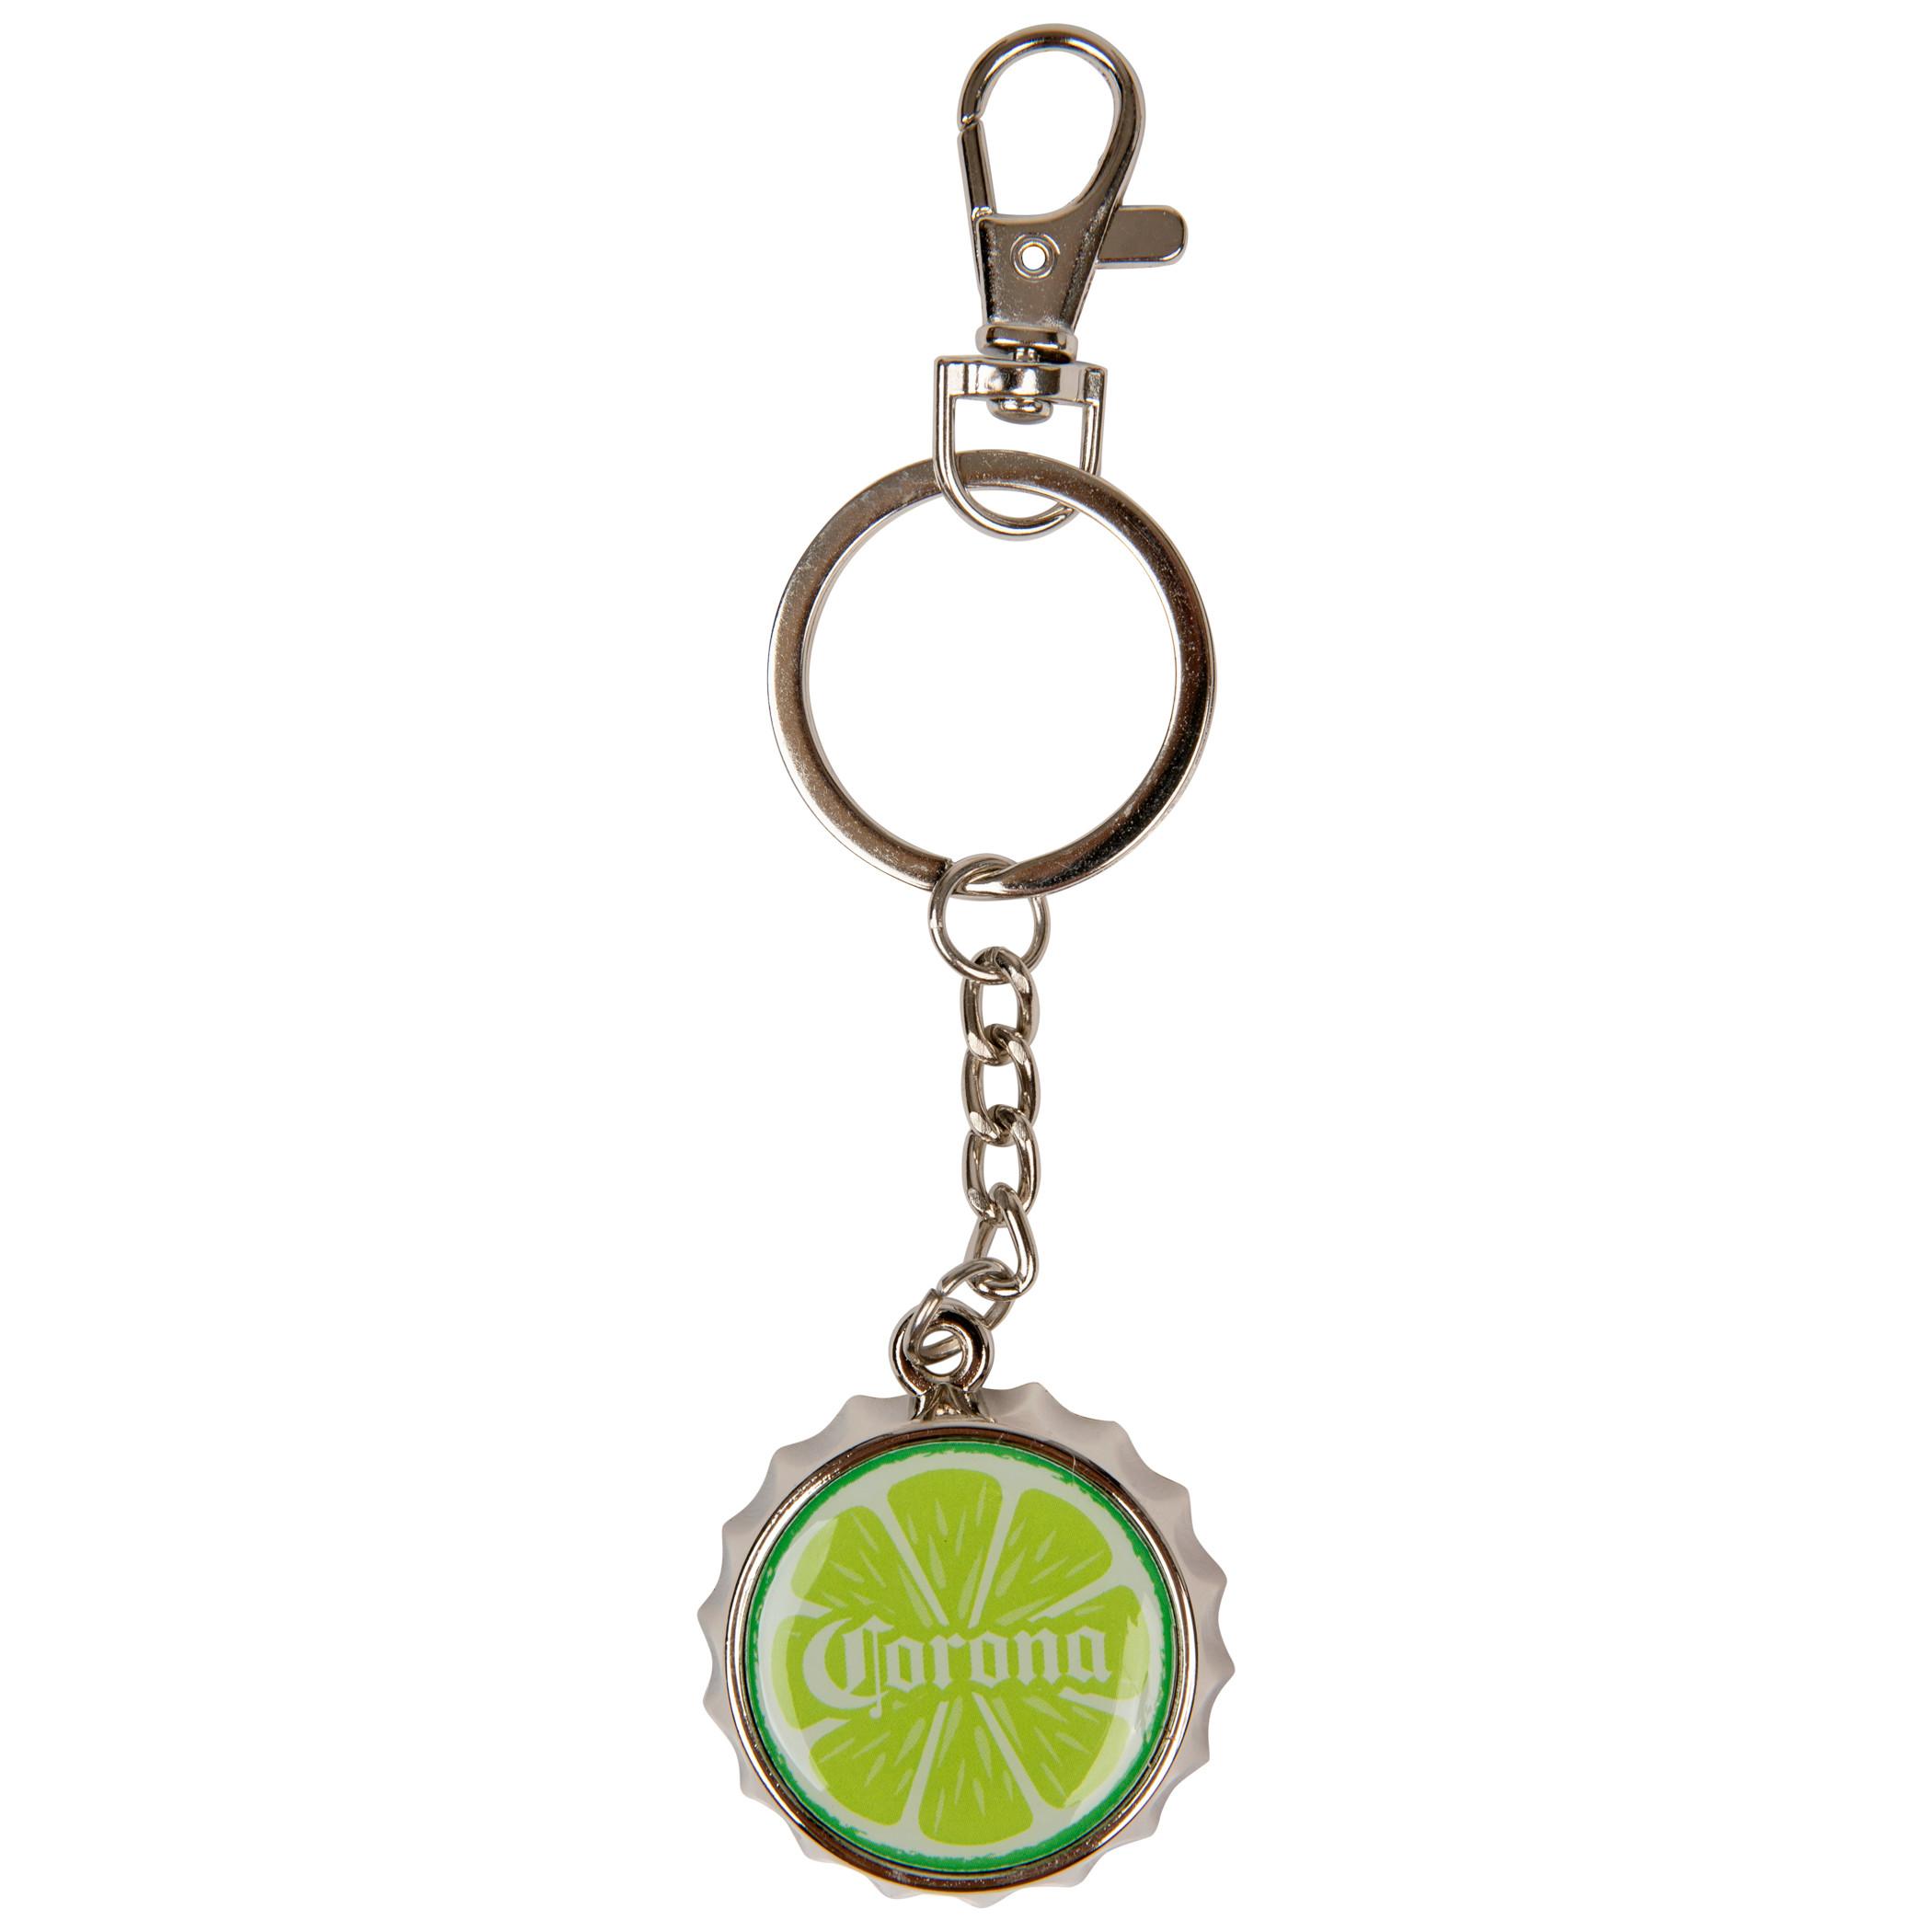 Corona Extra Lime Wedge Bottle Opener Keychain